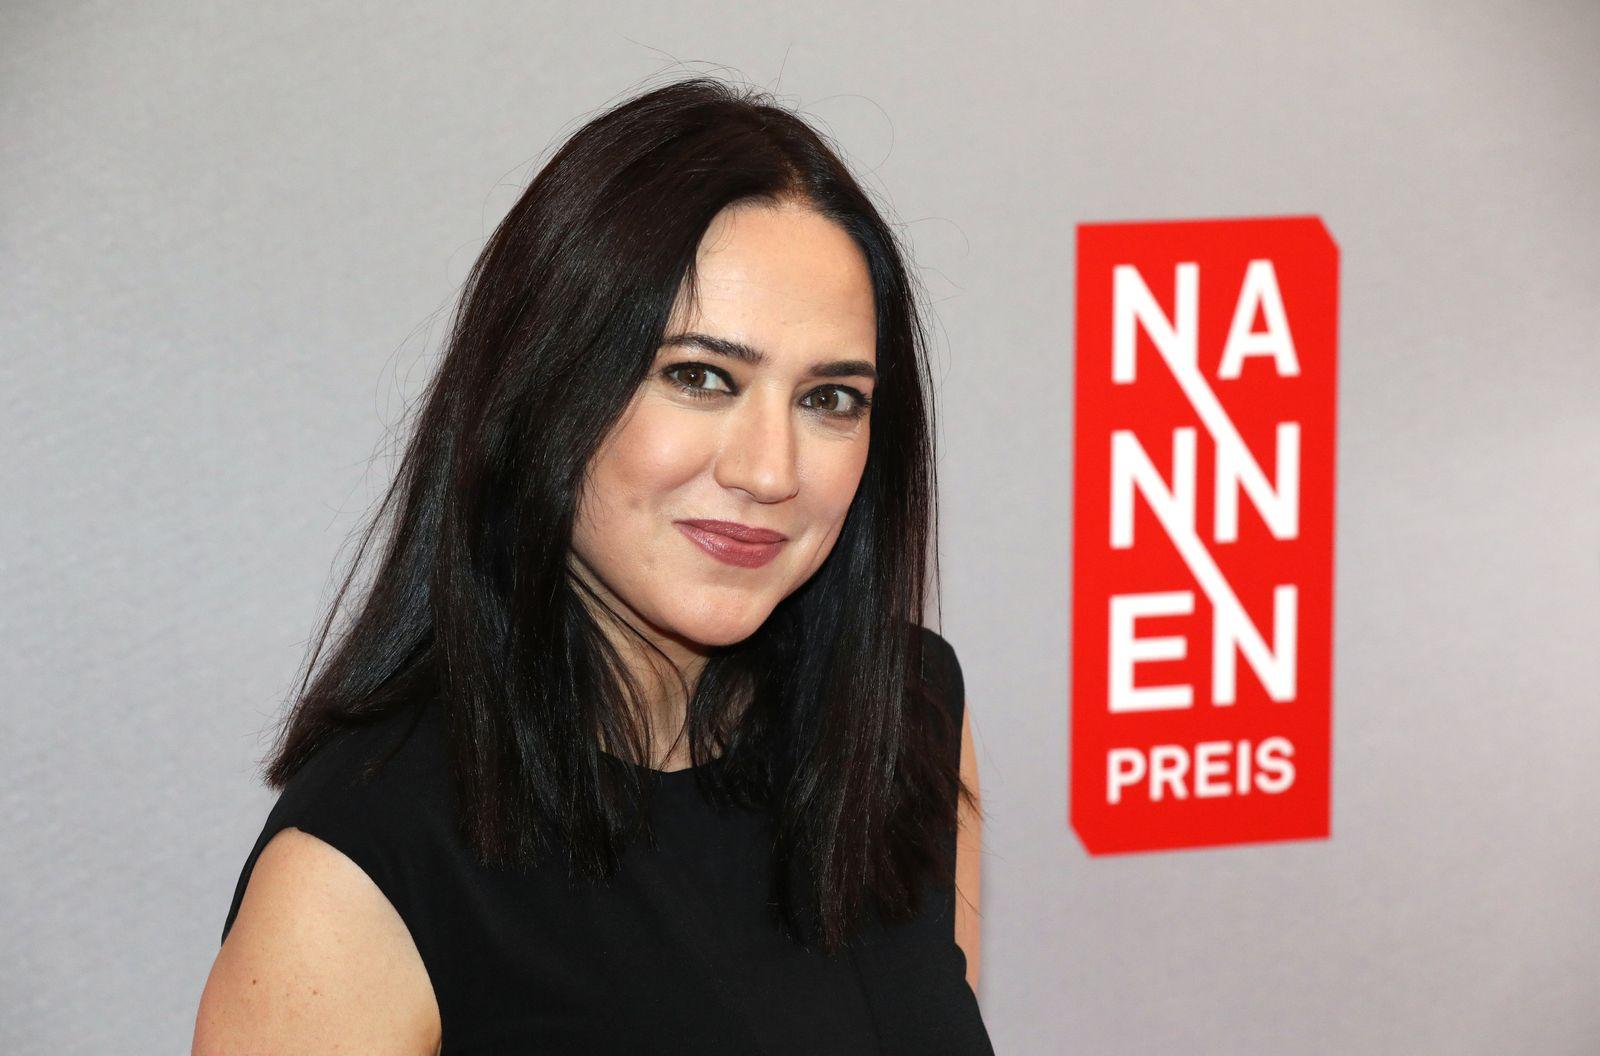 Medienauszeichnung Nannen-Preis